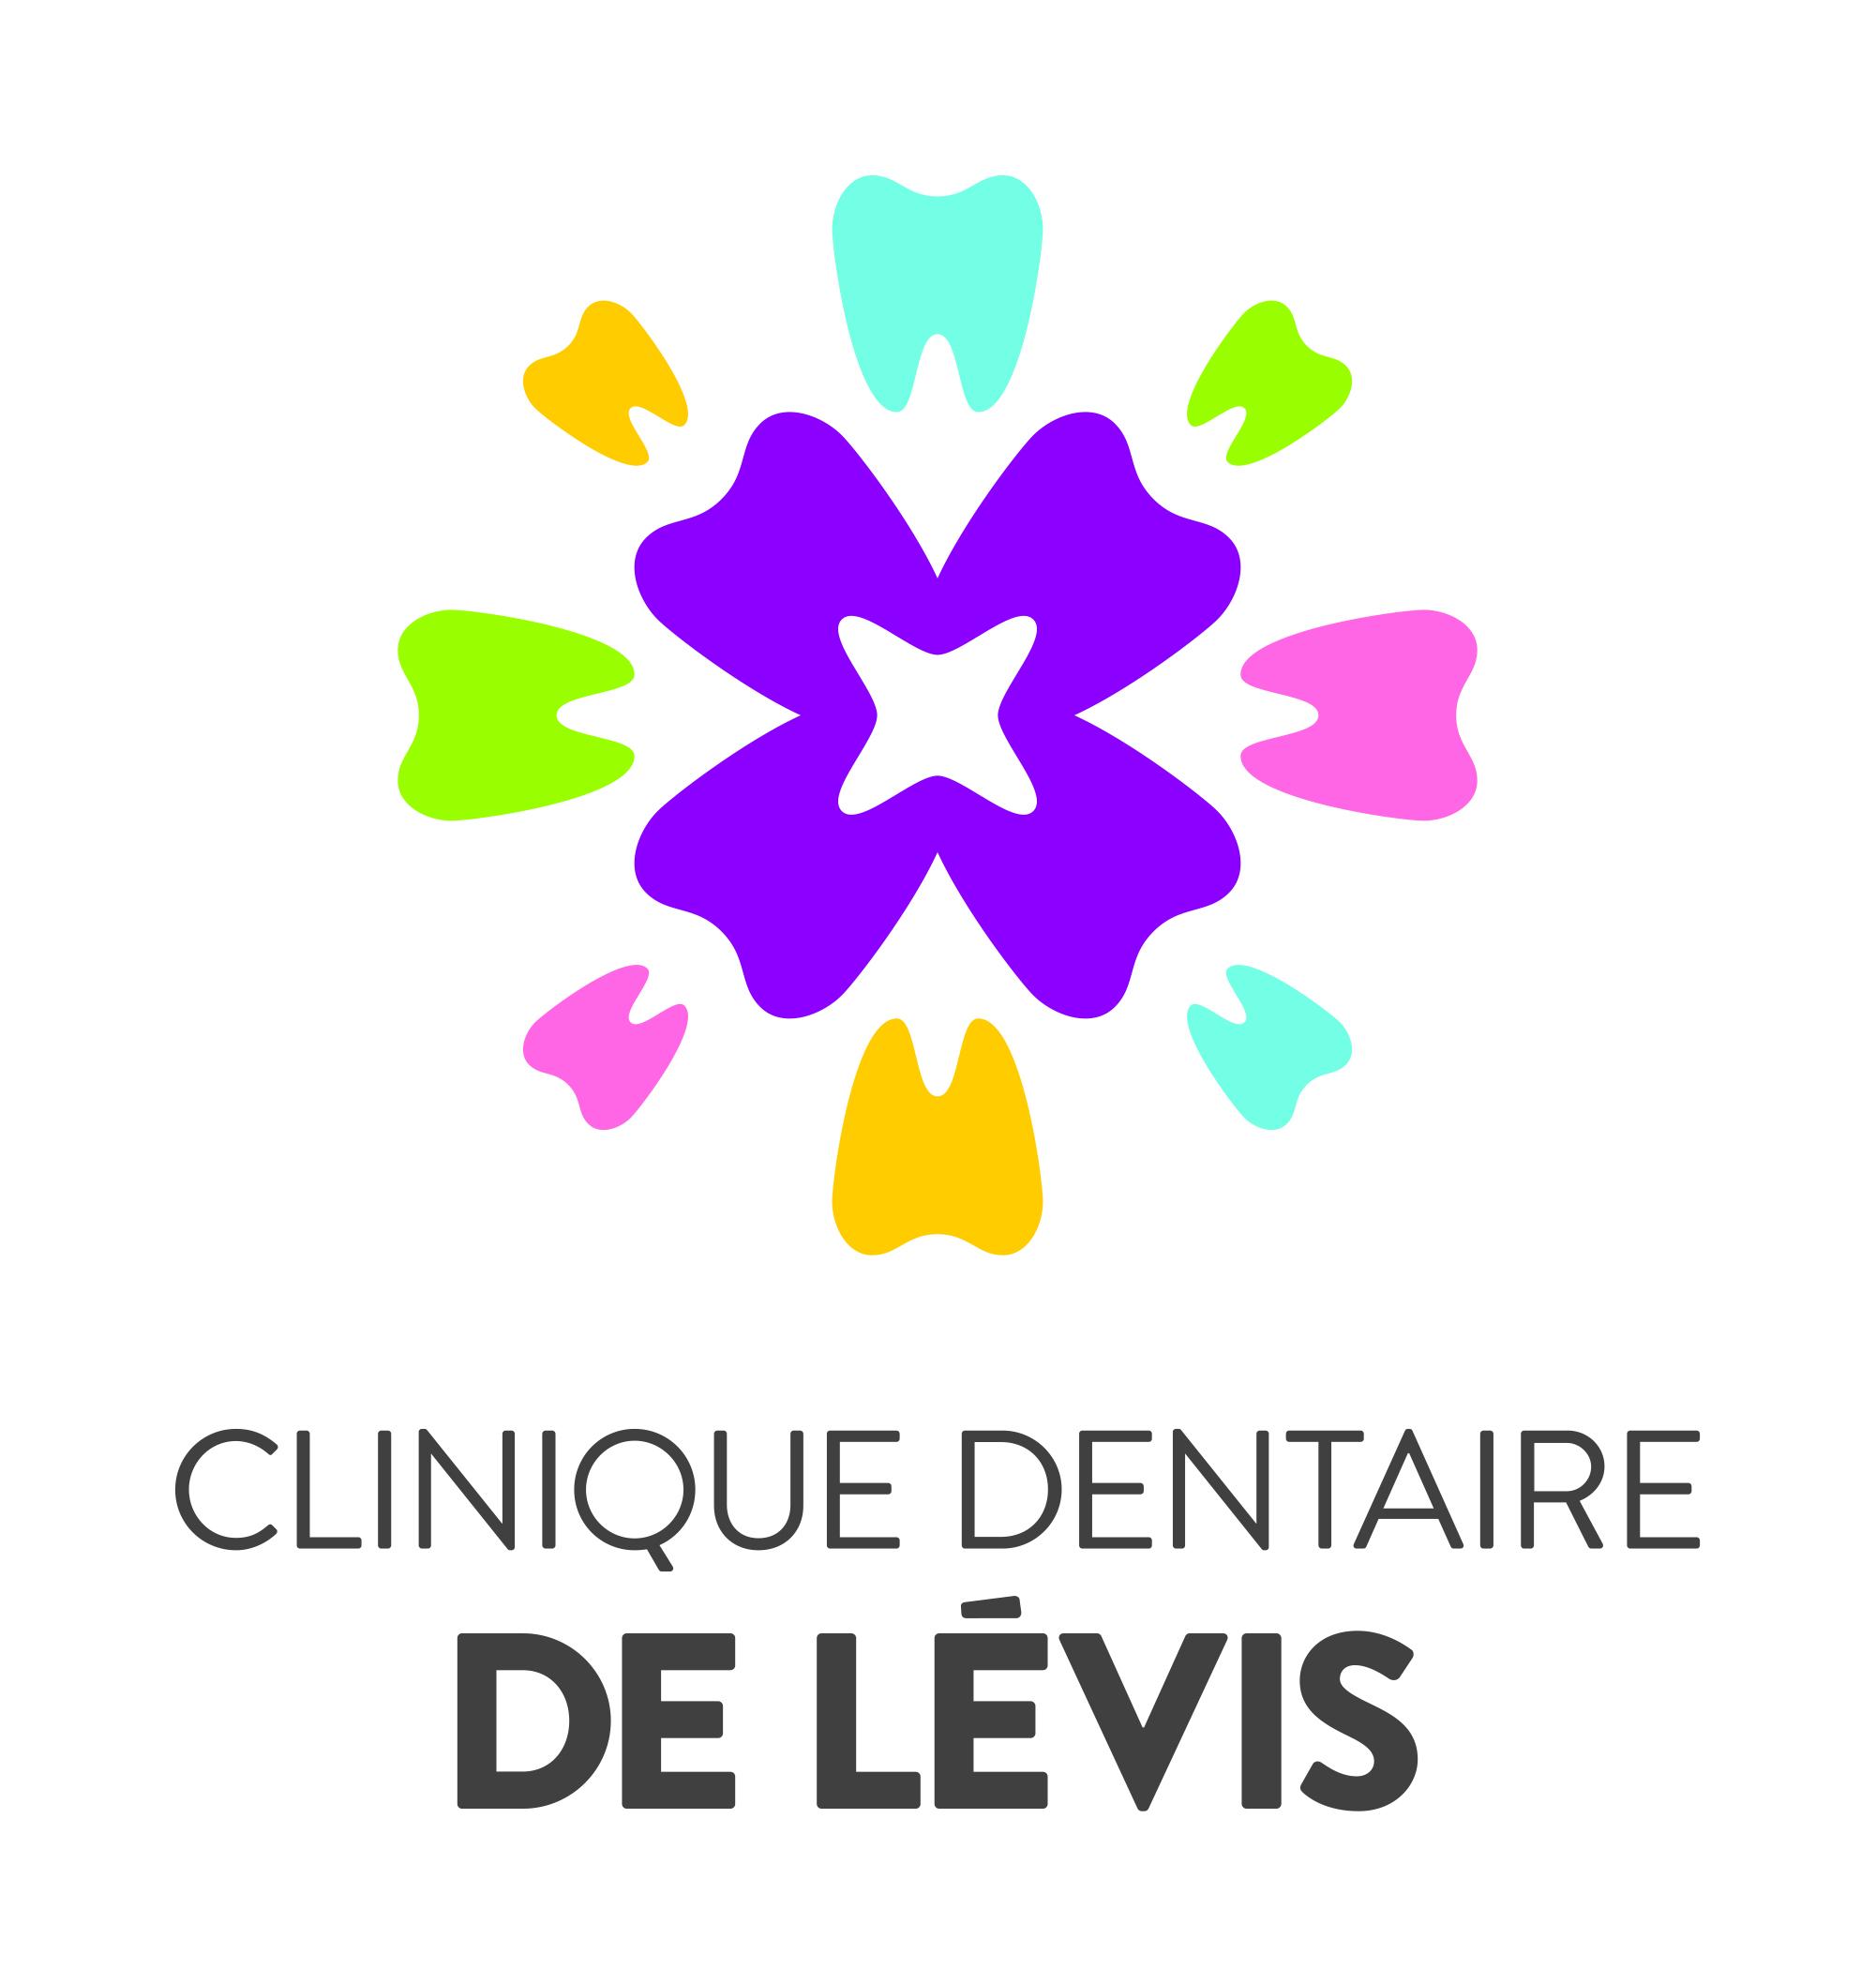 CLINIQUE DENTAIRE DE LÉVIS